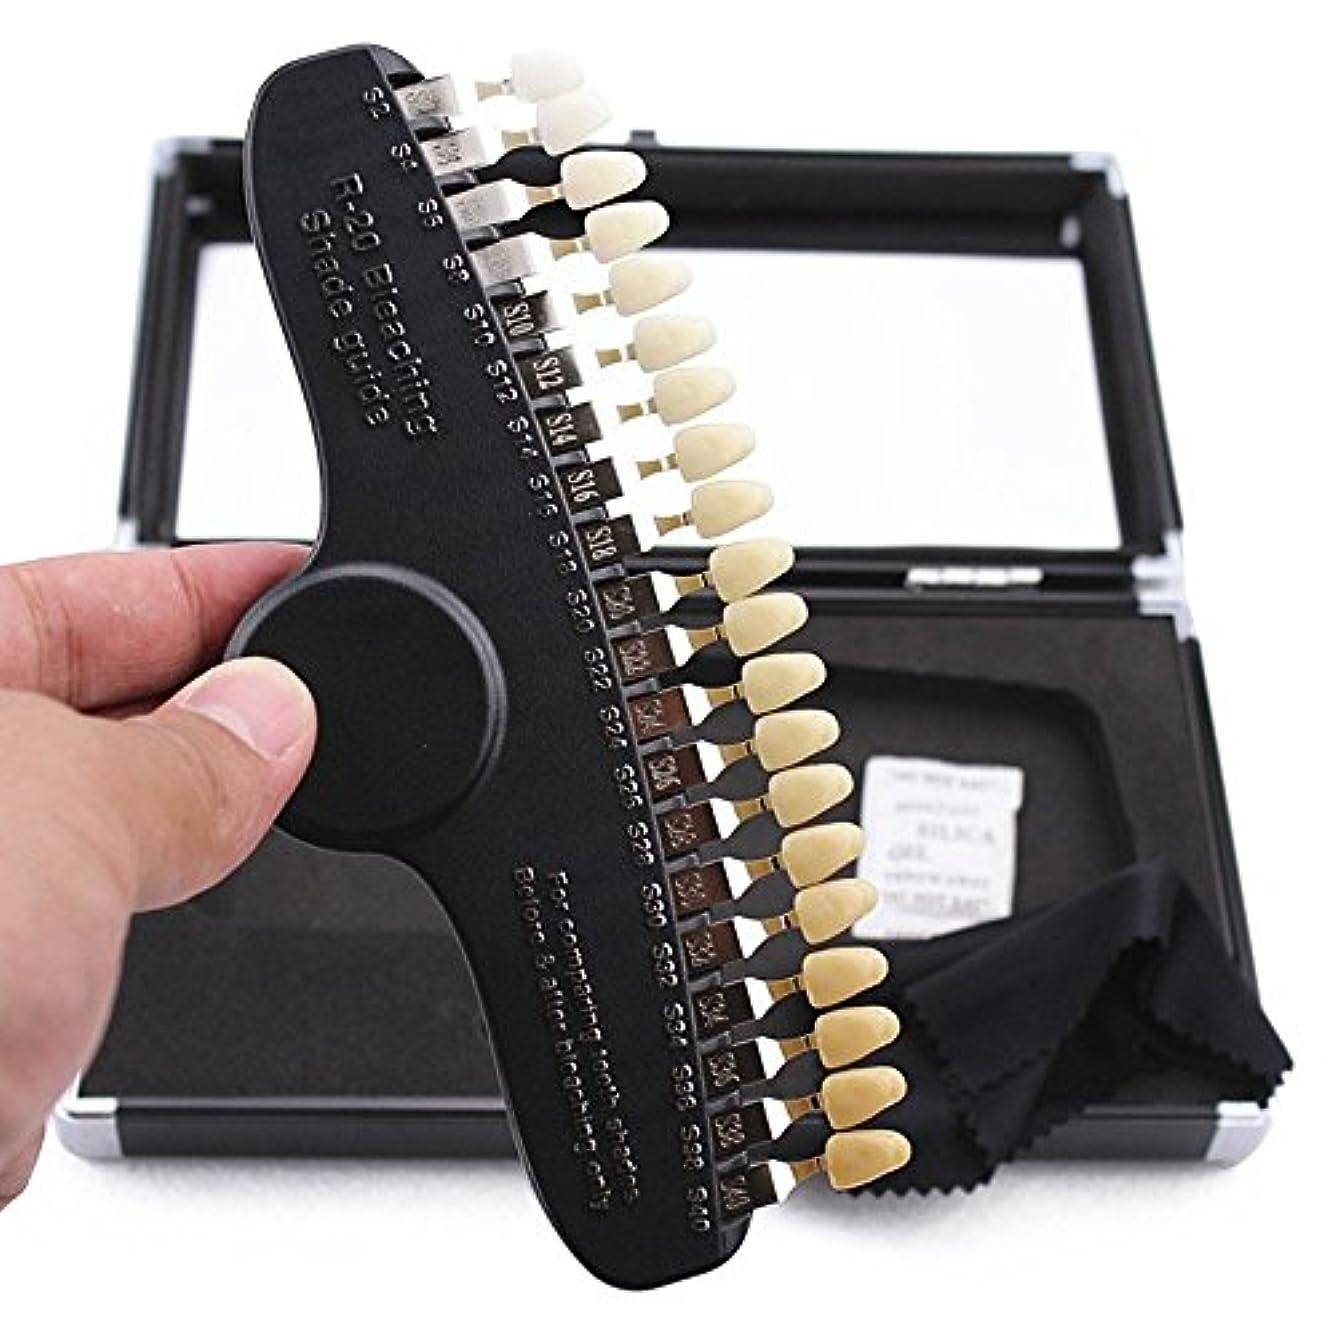 シャットキュービックチャームPochiDen 歯科ホワイトニング用シェードガイド 20色 3D 歯列模型ボード